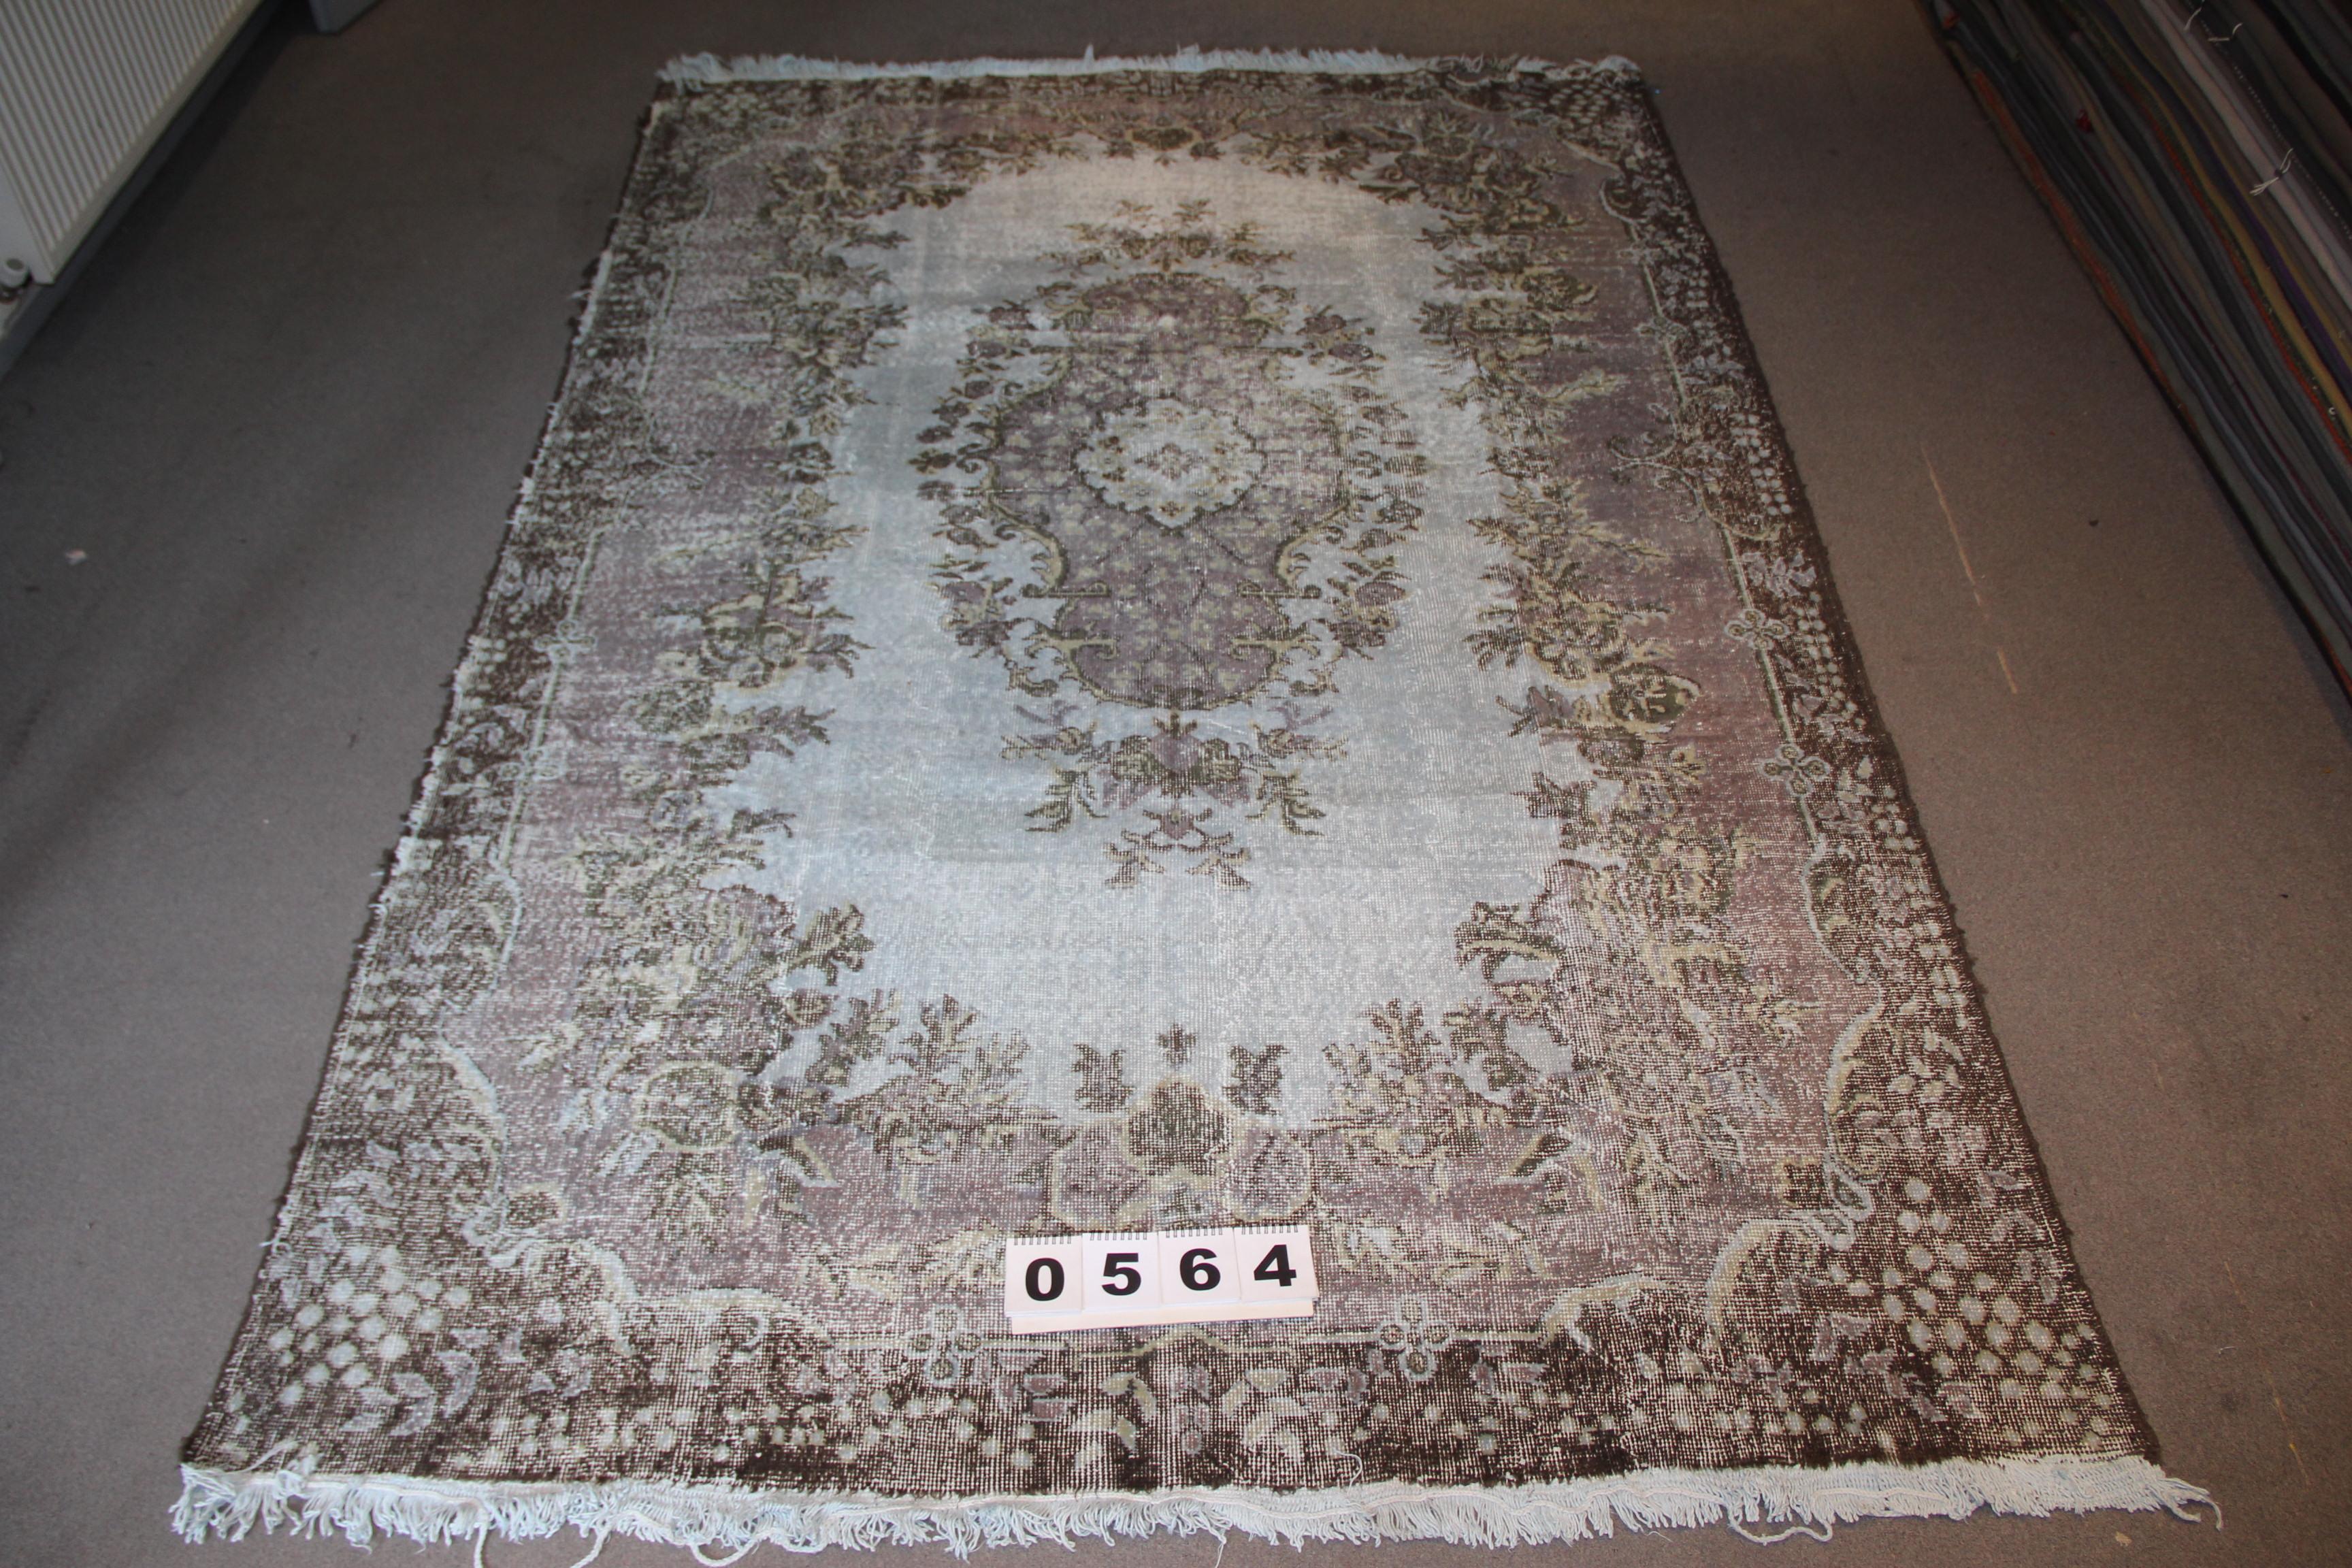 Grijs blauw recoloured vintage vloerkleed  564    (295cm x 203cm) Oud tapijt wat een nieuwe hippe trendy kleur heeft gekregen.